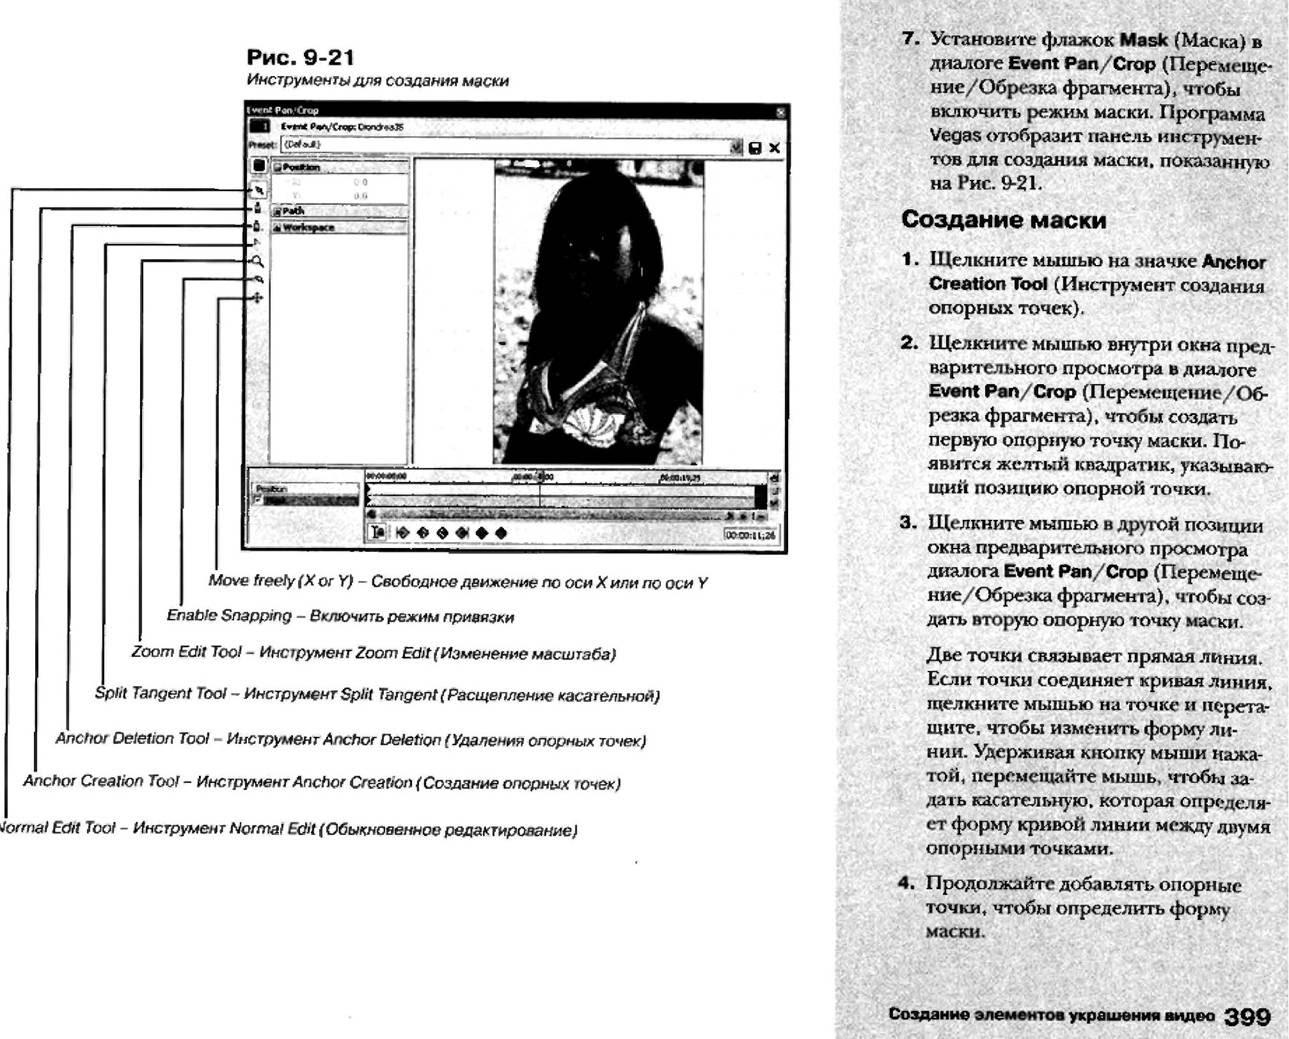 http://redaktori-uroki.3dn.ru/_ph/12/751668280.jpg